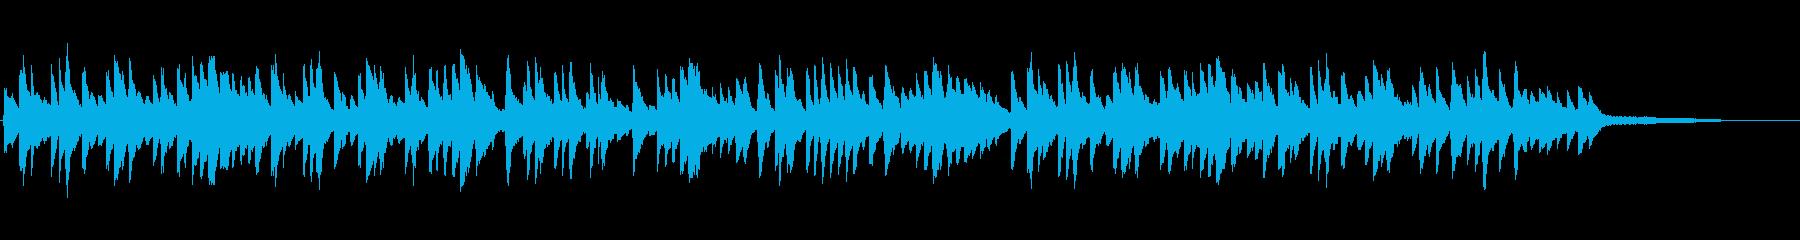 ほのぼの可愛らしい雰囲気の ピアノソロの再生済みの波形